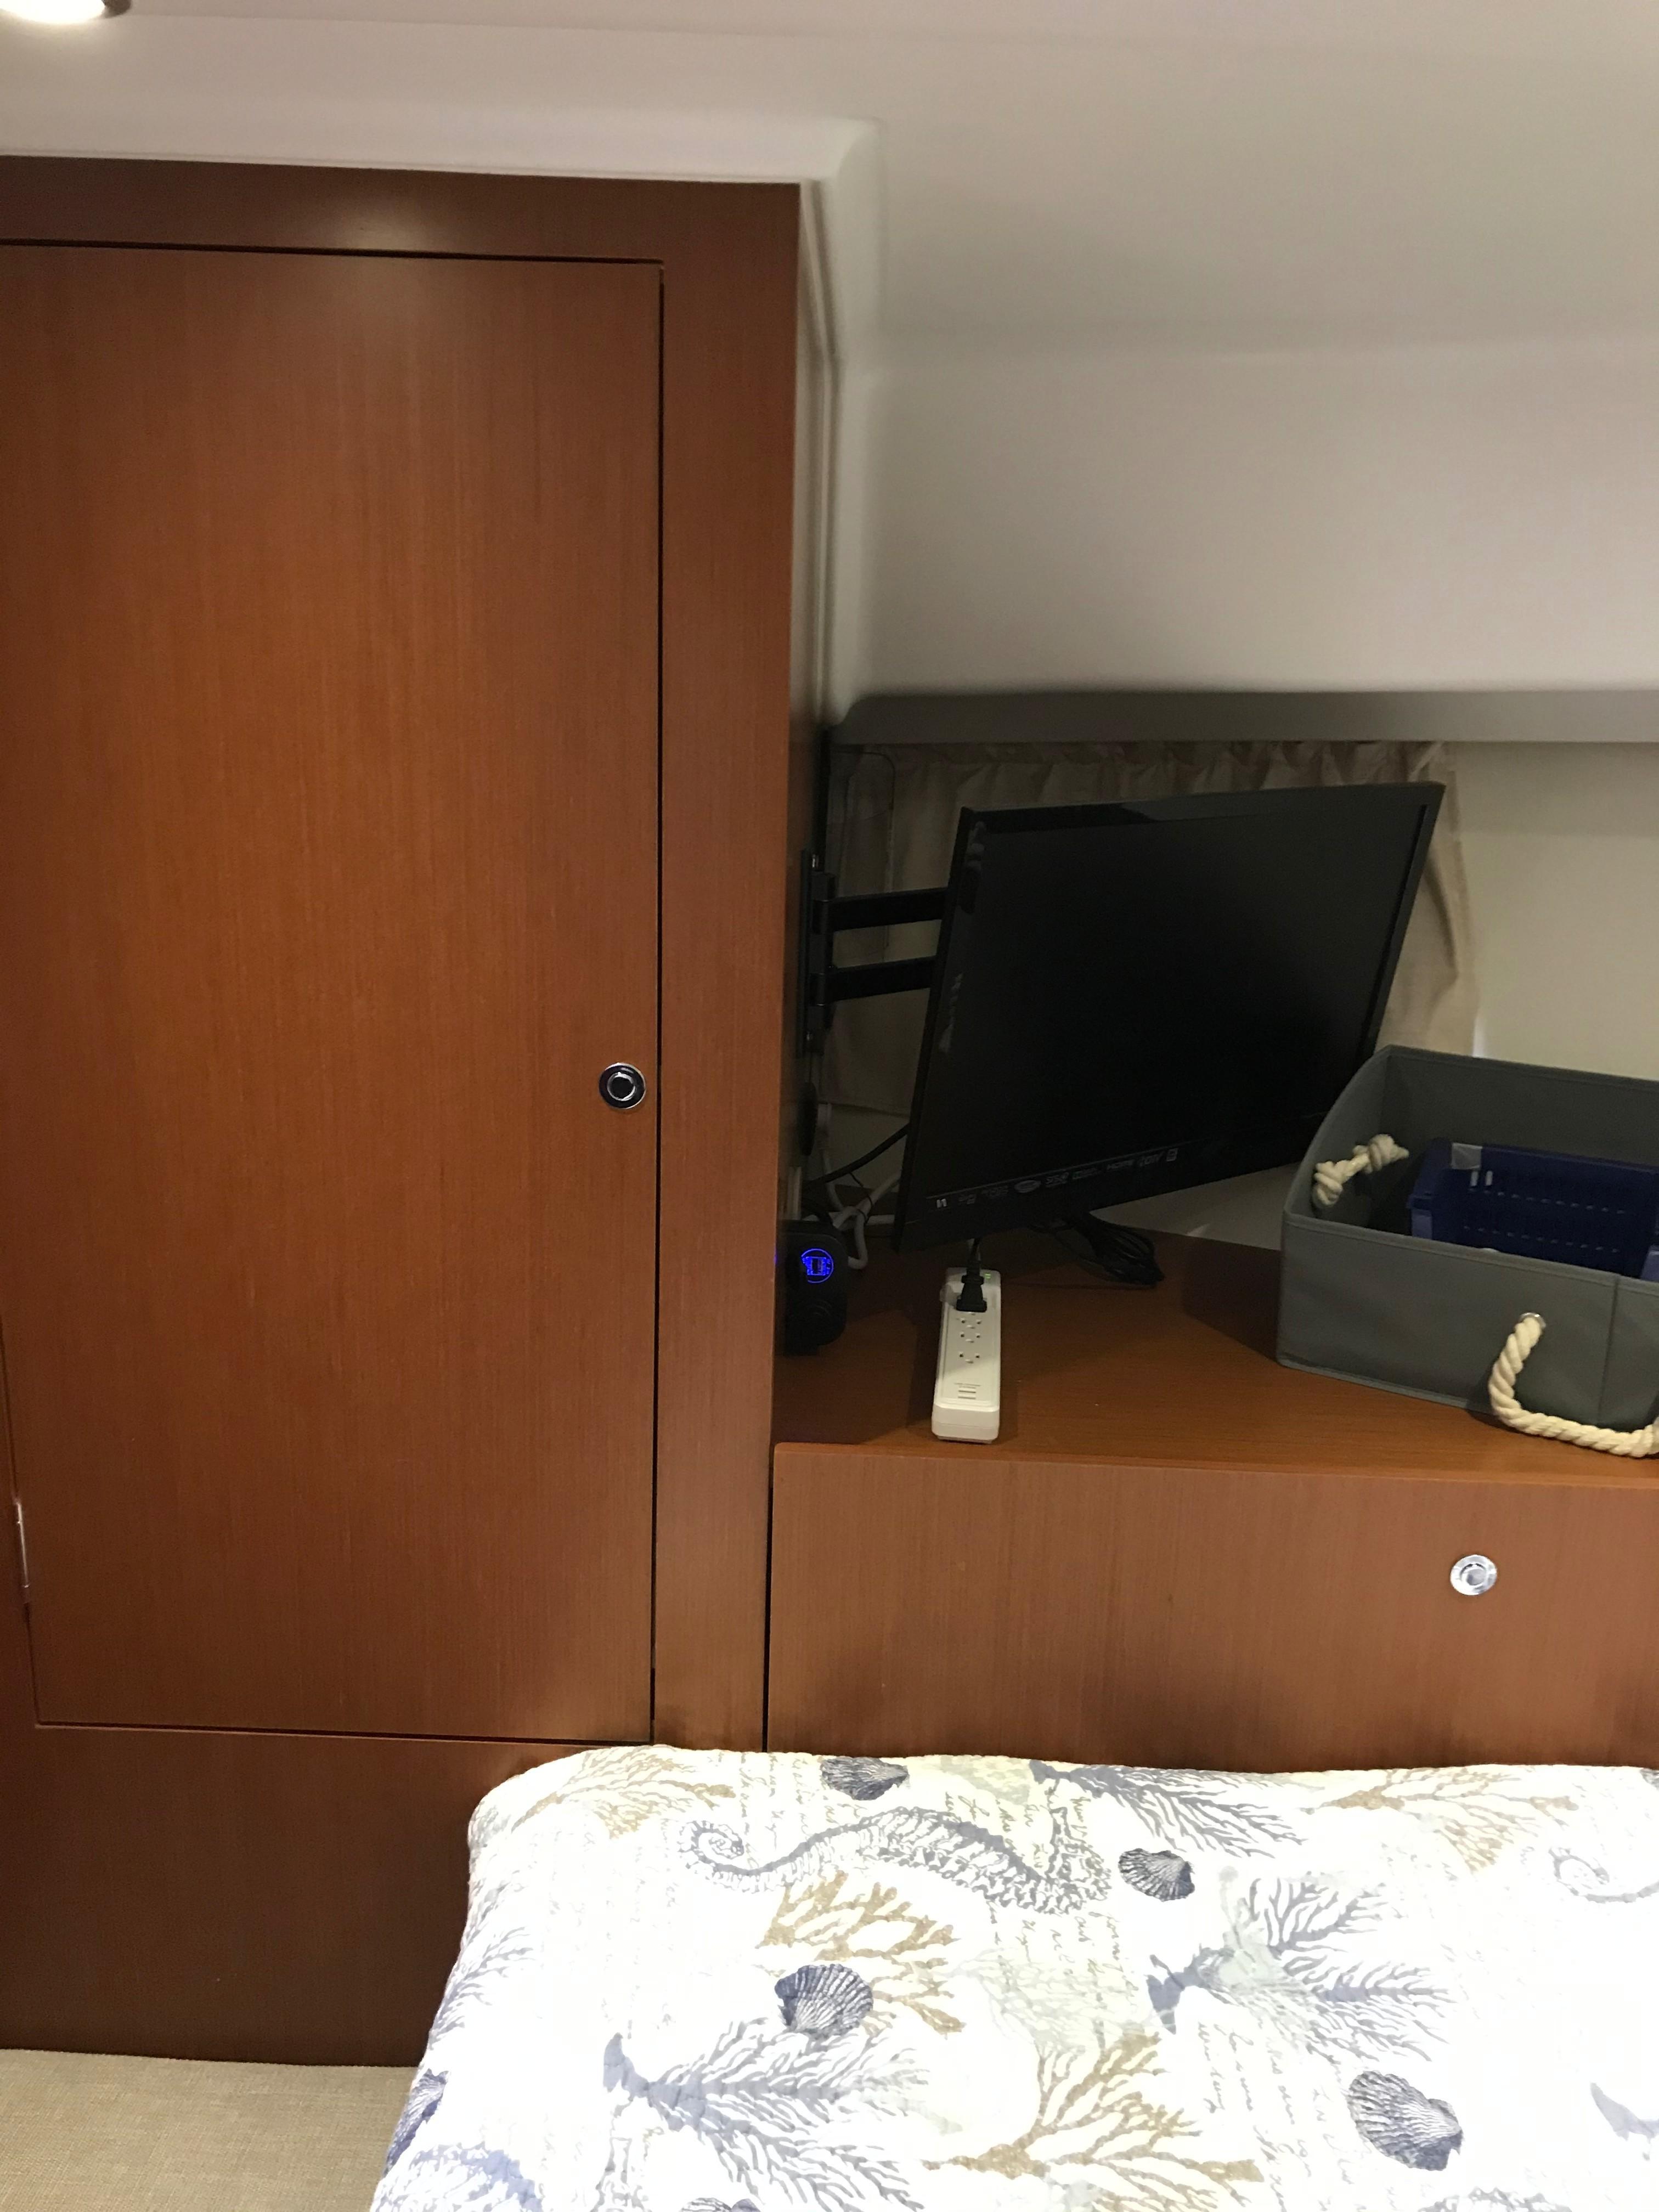 Beneteau 34 Swift Trawler - TV/Locker in FSR